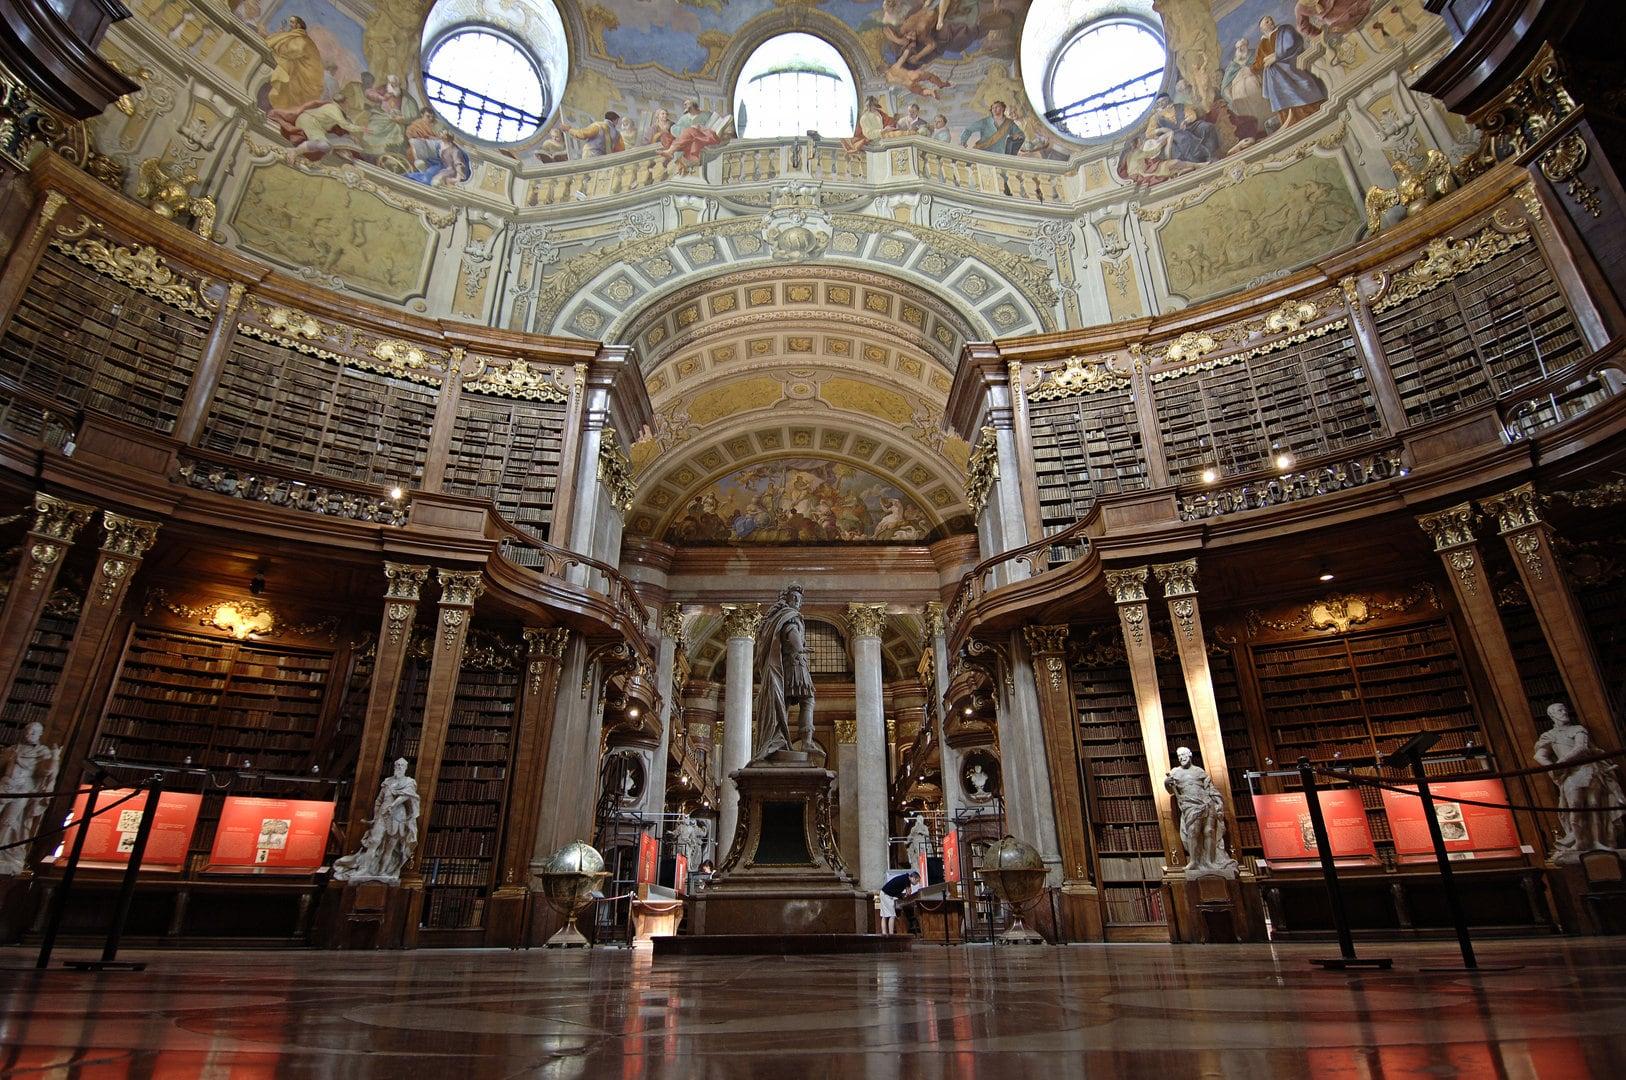 Австрия, Вена, Австрийская национальная библиотека